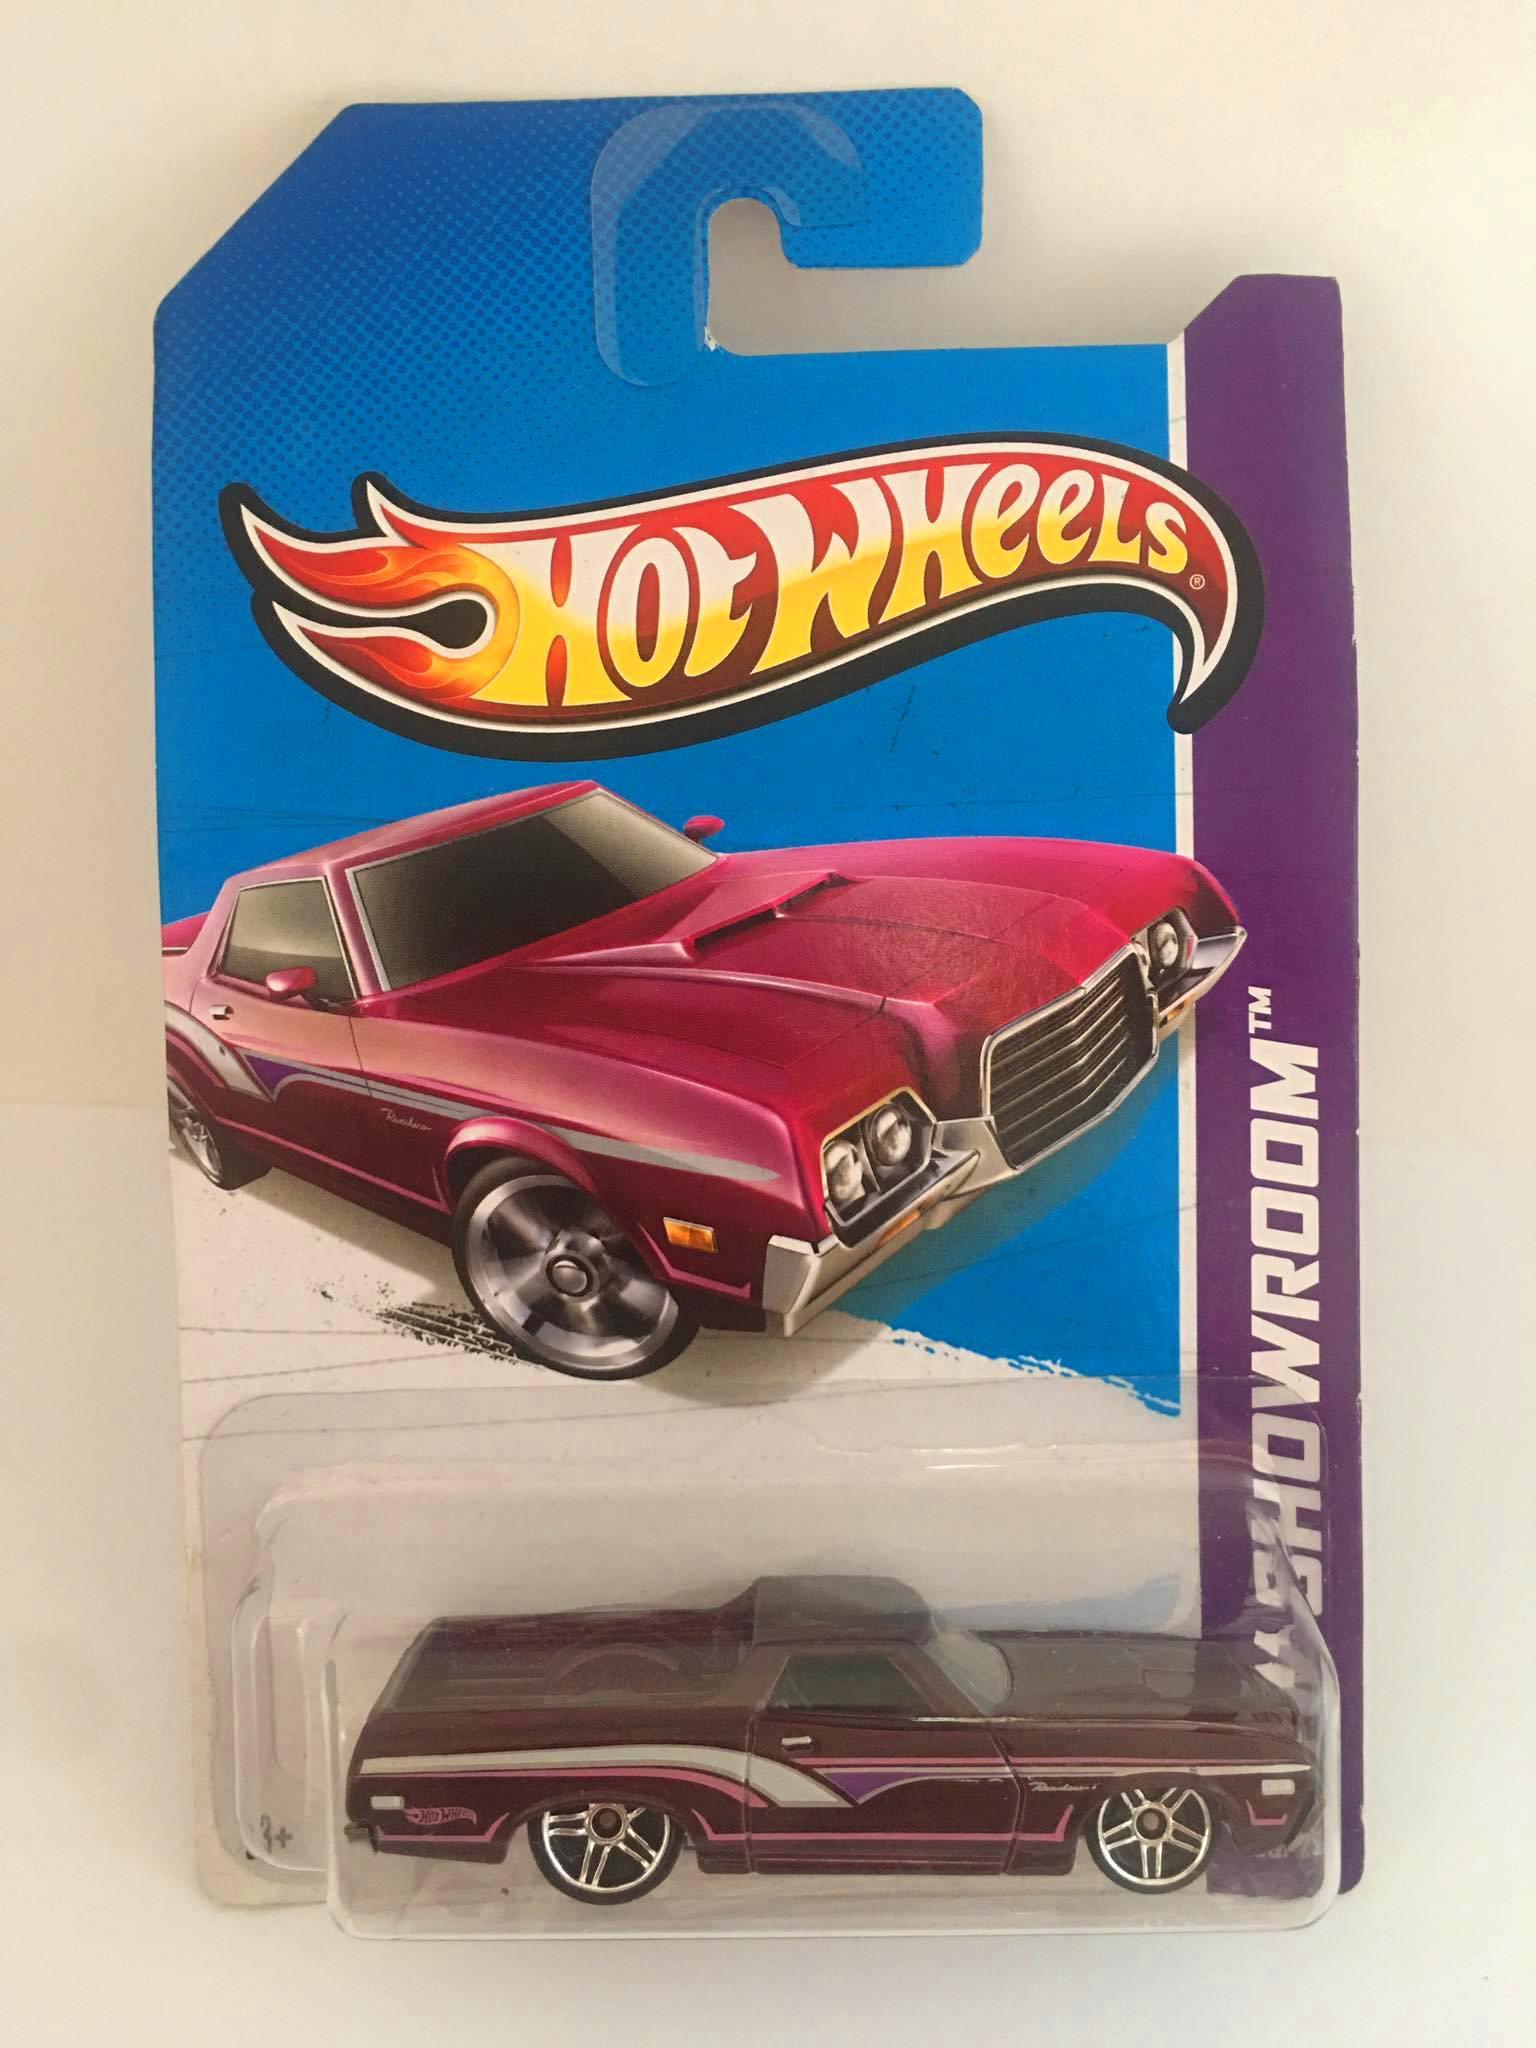 Hot Wheels - 72 Ford Ranchero Roxa - Mainline 2013